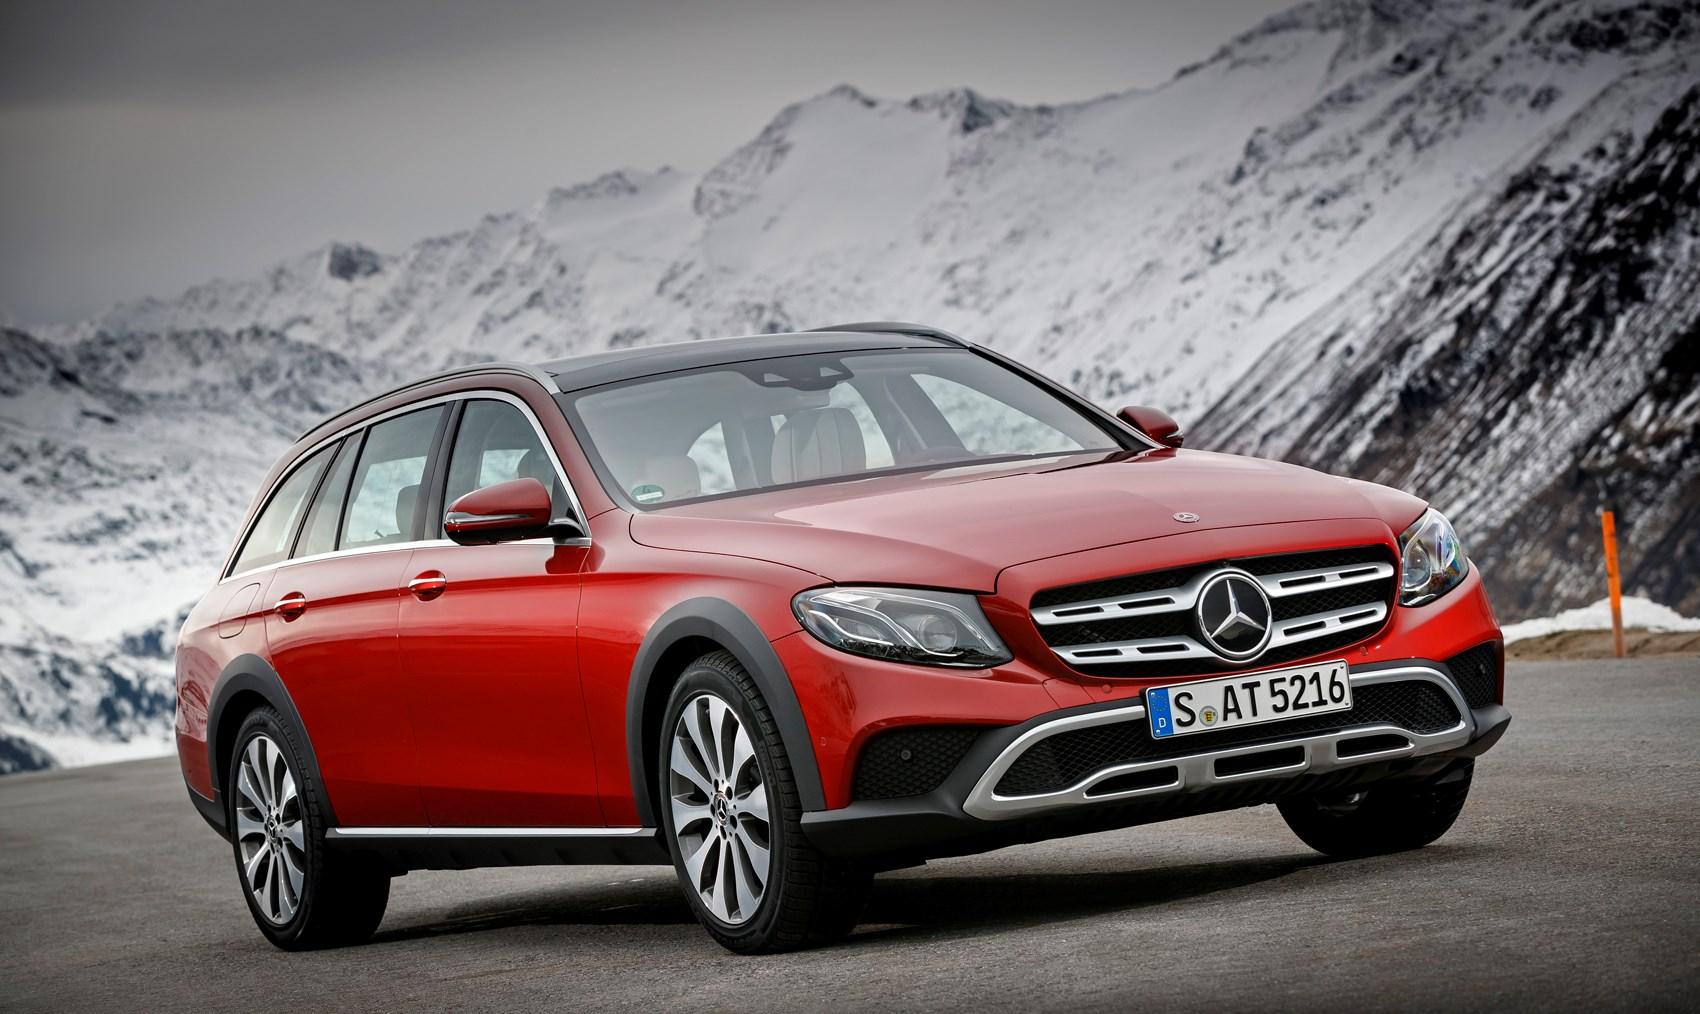 Mercedes benz e class all terrain 2017 photos parkers for How much is a mercedes benz e class